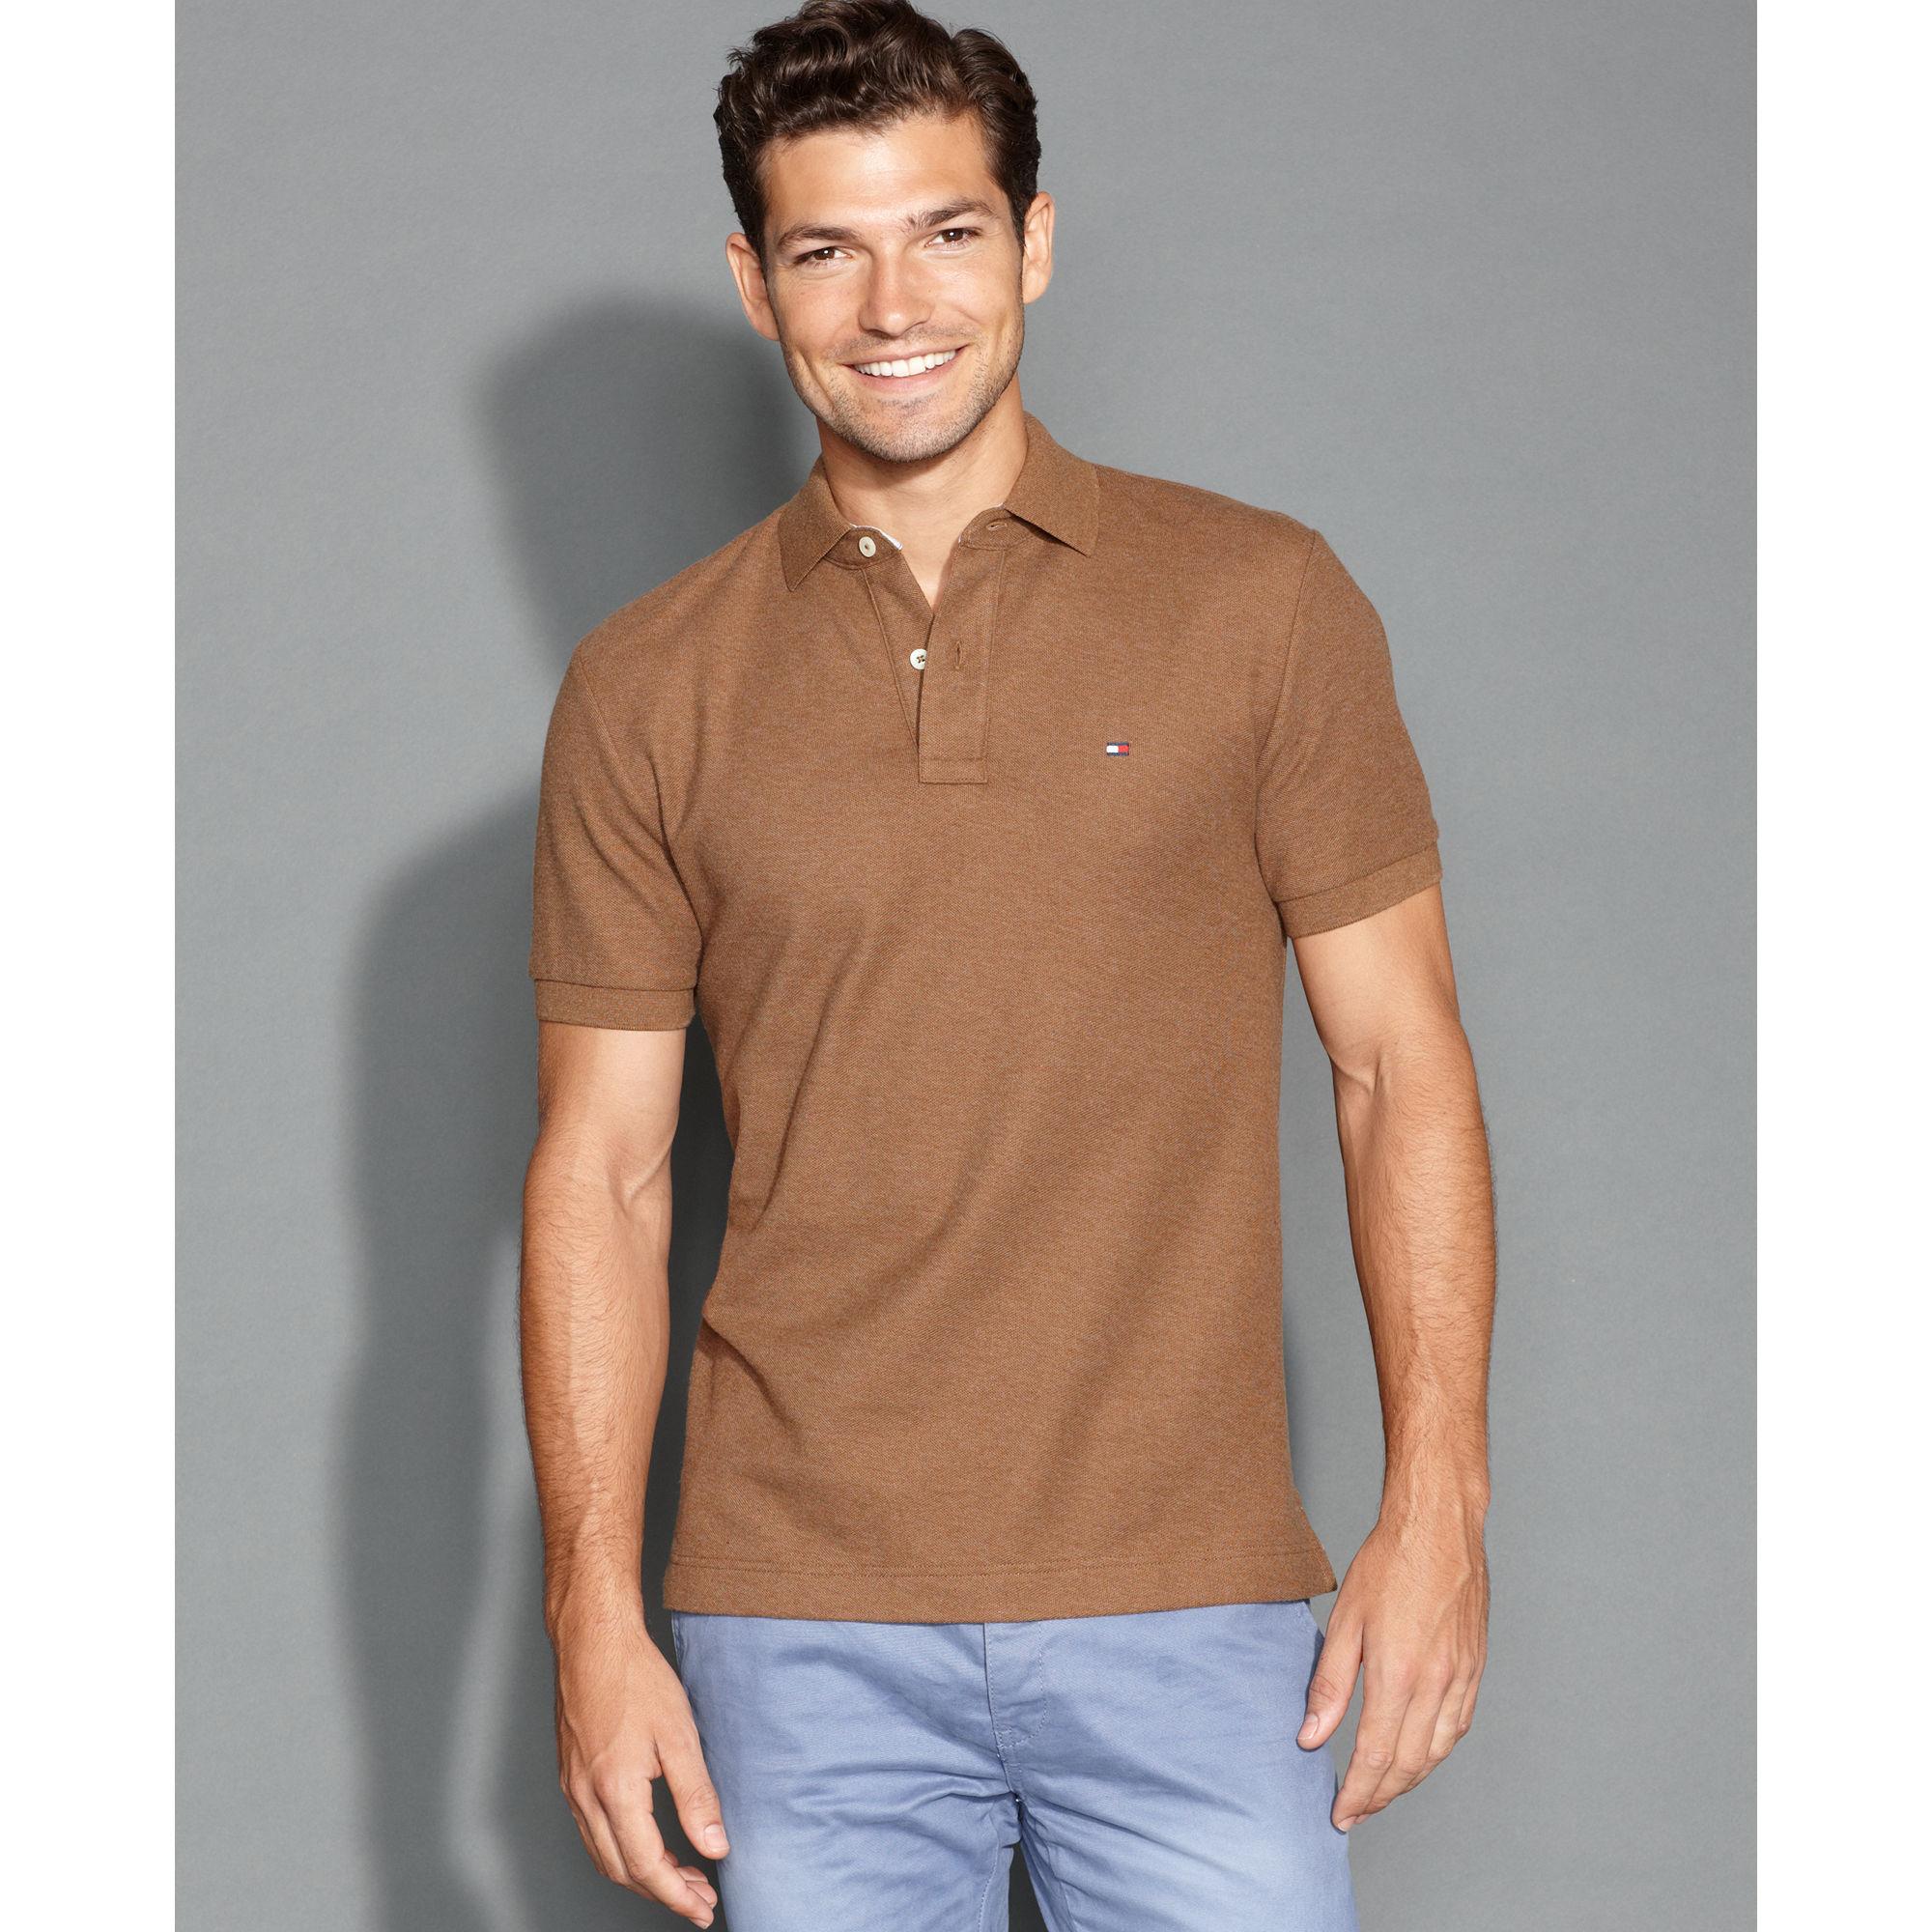 tommy hilfiger slim fit ivy polo shirt in brown for men medium blue. Black Bedroom Furniture Sets. Home Design Ideas